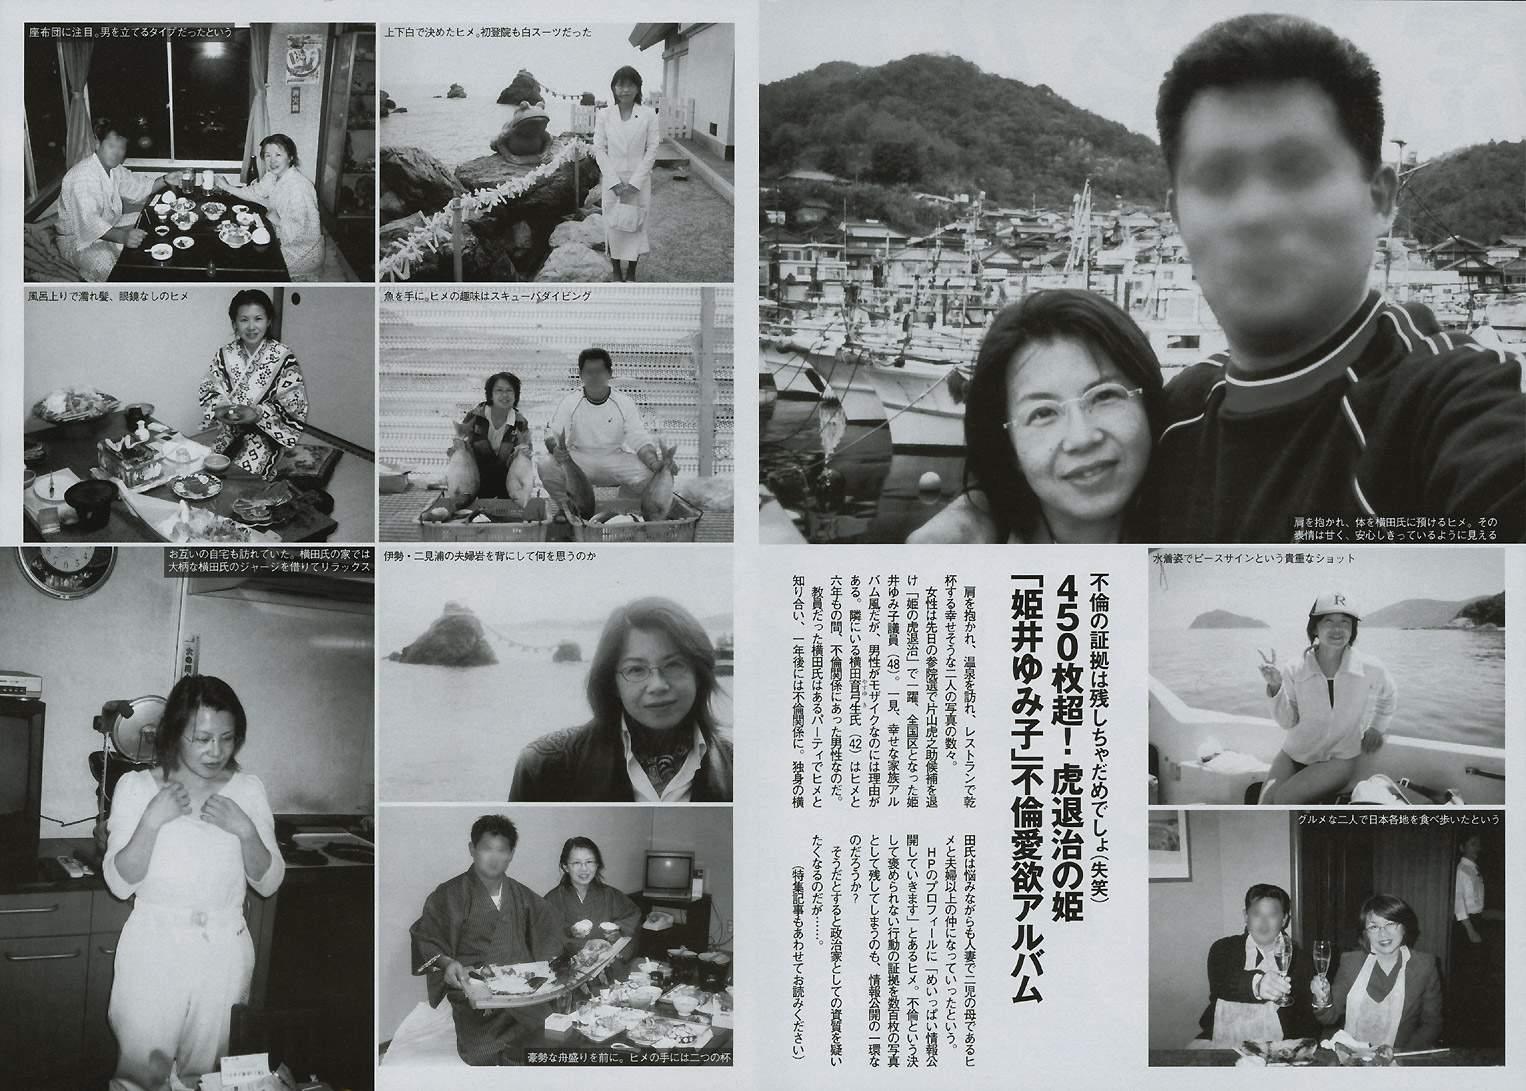 ウィニー 不倫熟女流出 【ドM】姫井由美子の盗撮ハメ撮り画像がwinnyで極秘流出!『ぶってぶって』